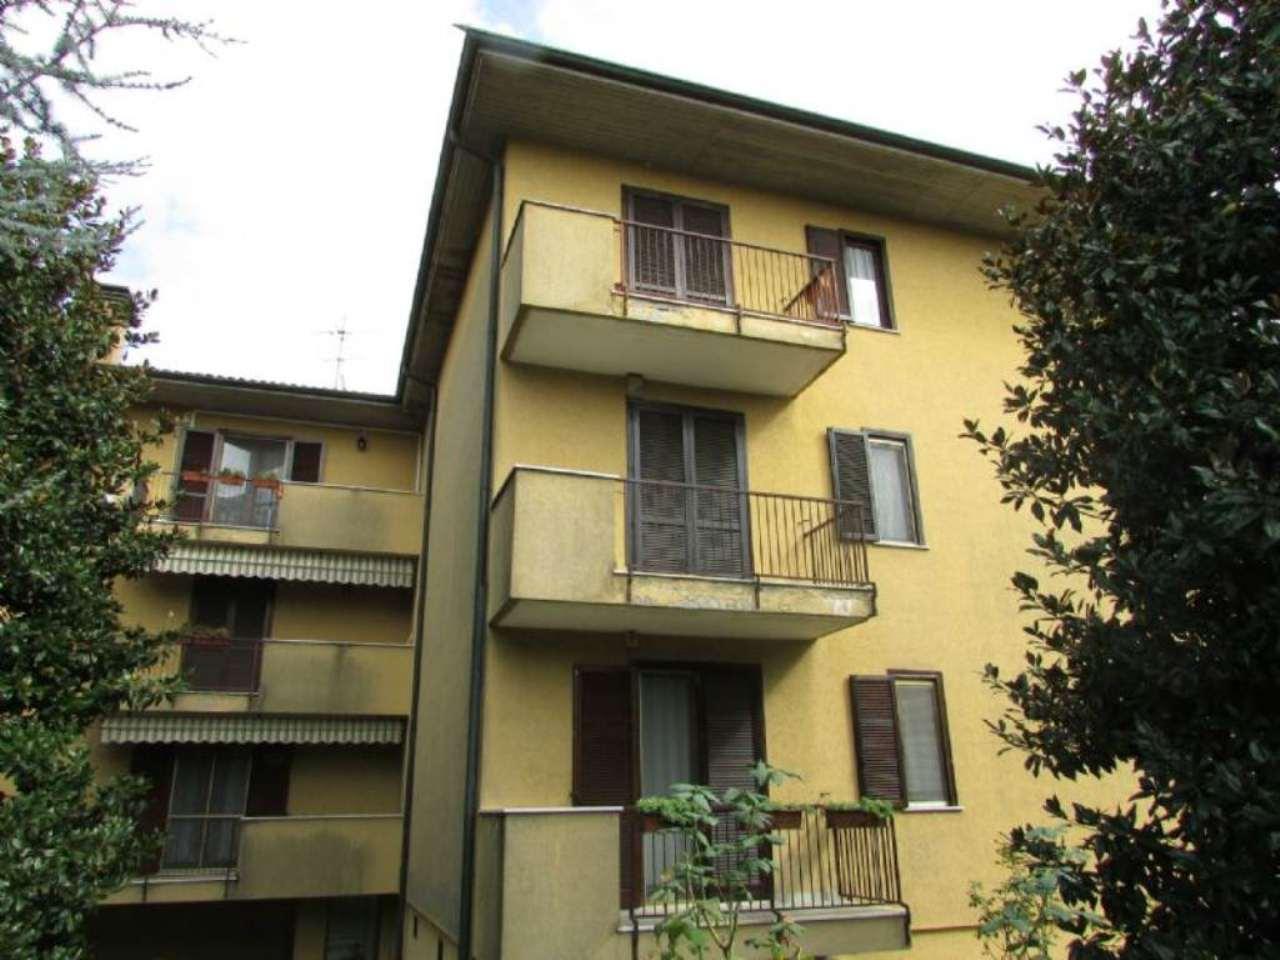 Appartamento in vendita a Comazzo, 3 locali, prezzo € 150.000 | Cambio Casa.it